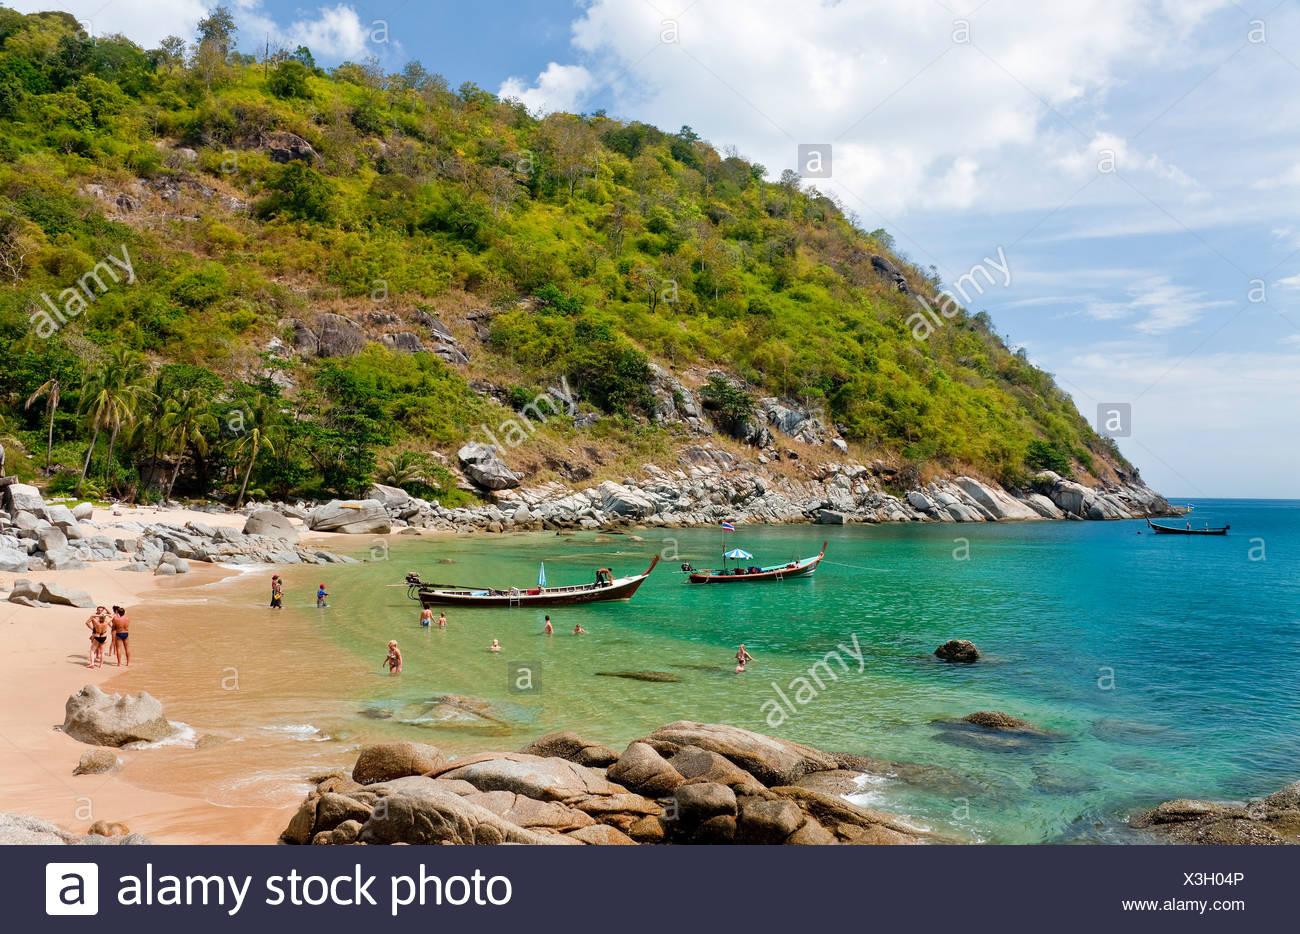 847dcac79add8c Long-Tail-Boote ankern in der Bucht von Nui Beach Phuket Island Southern  Thailand Südostasien